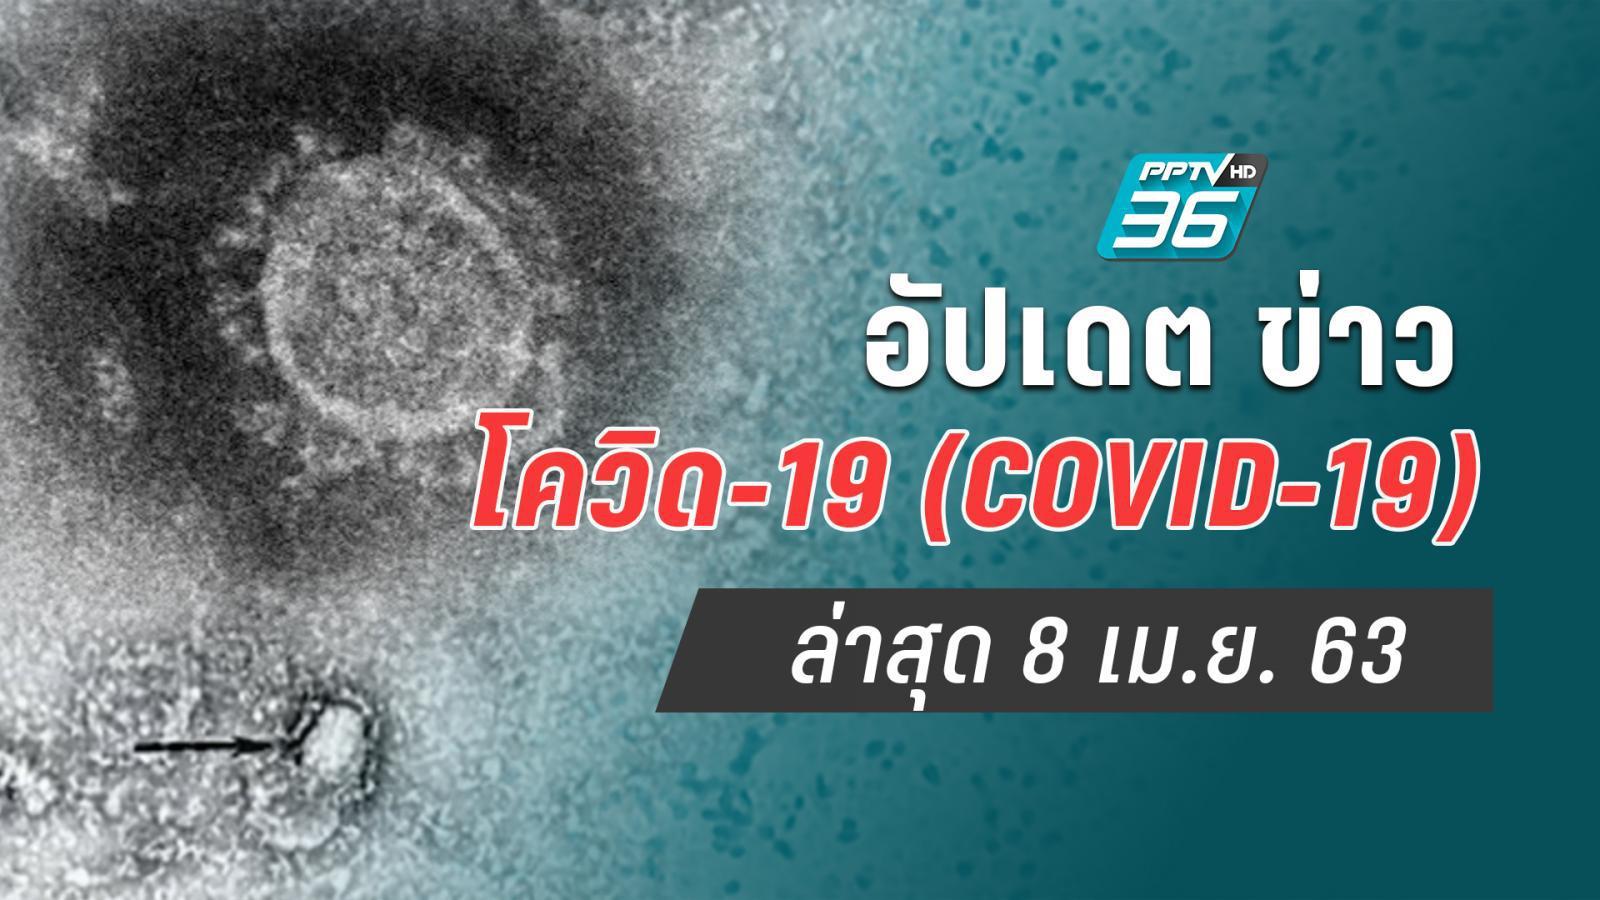 อัปเดตข่าวโควิด-19 (COVID-19) ล่าสุด 8 เม.ย. 63